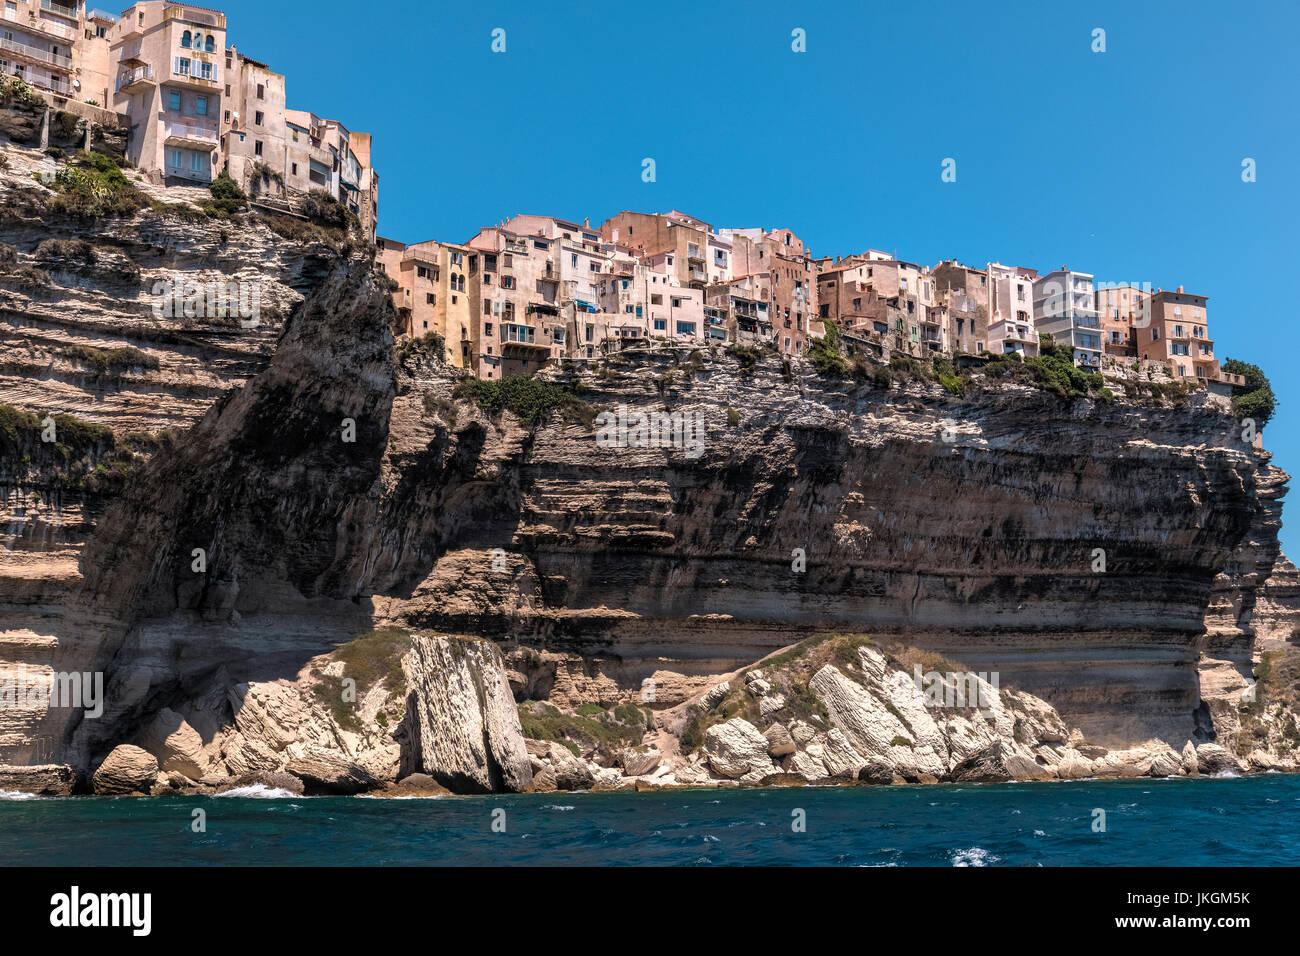 Ville Haute, Bonifacio, Córcega, Francia Foto de stock